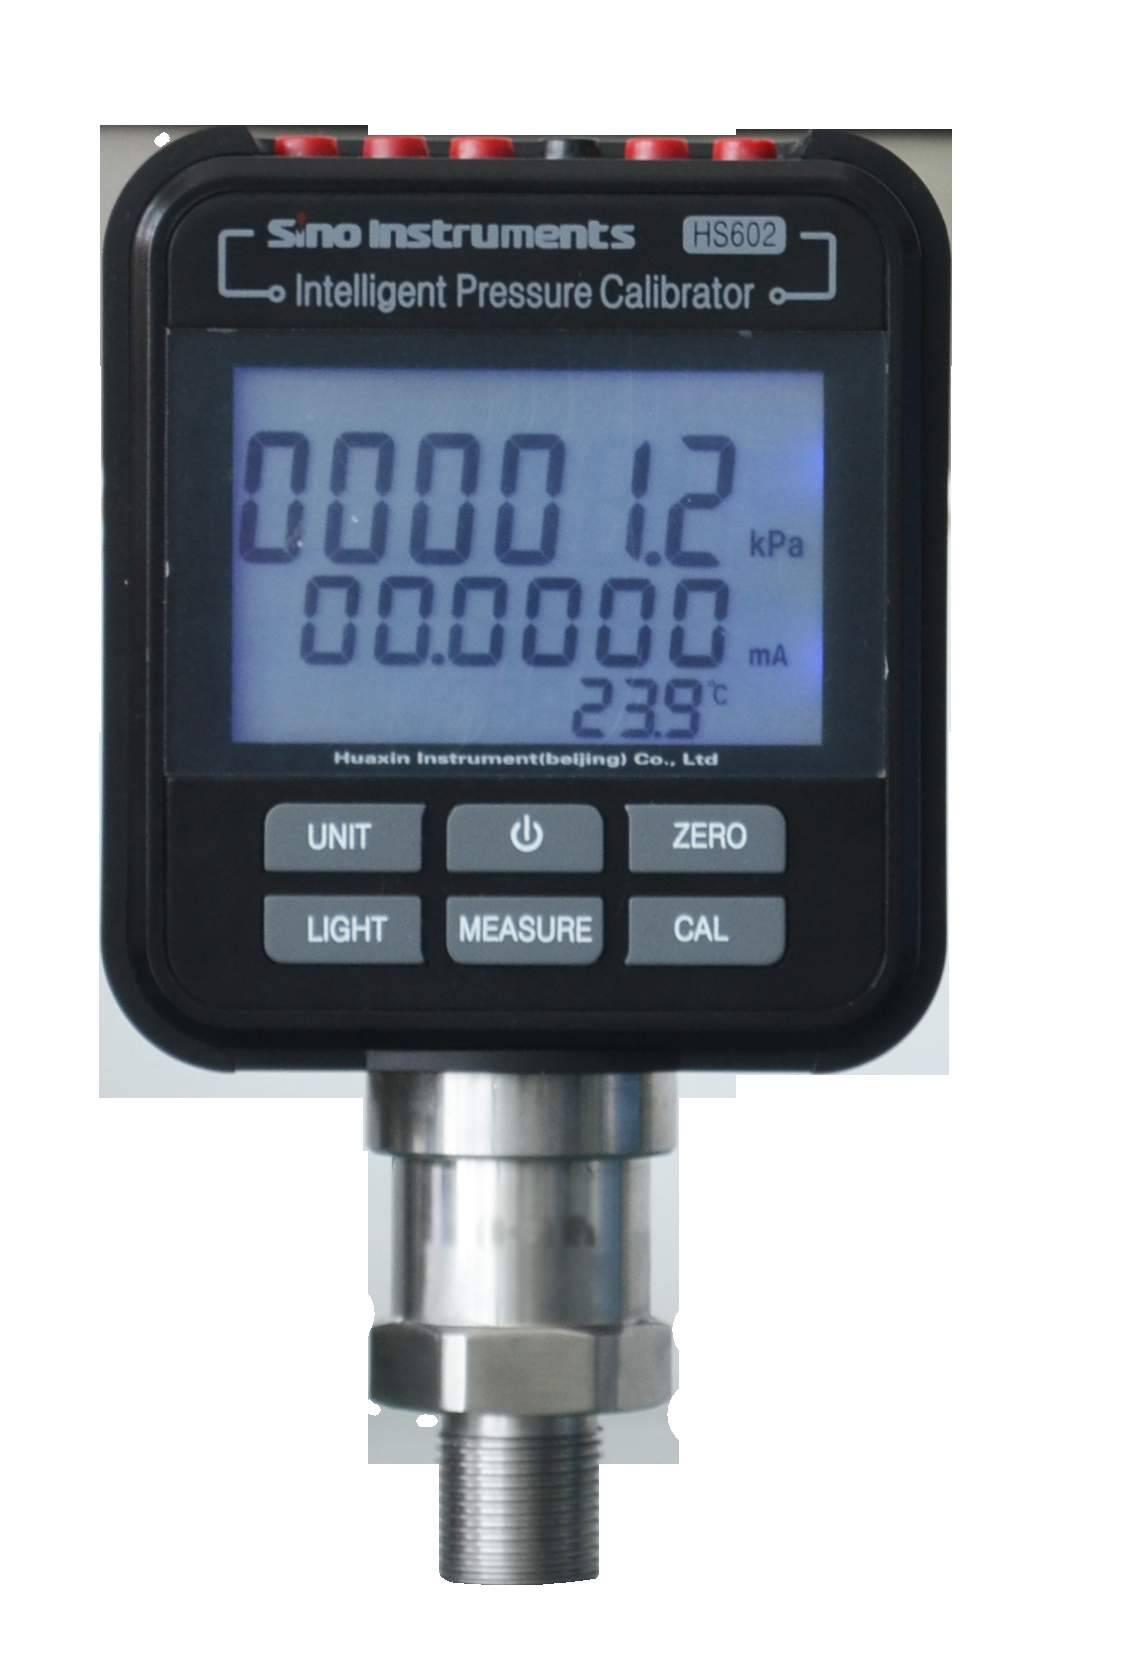 HS602 Intelligent Pressure Calibrator